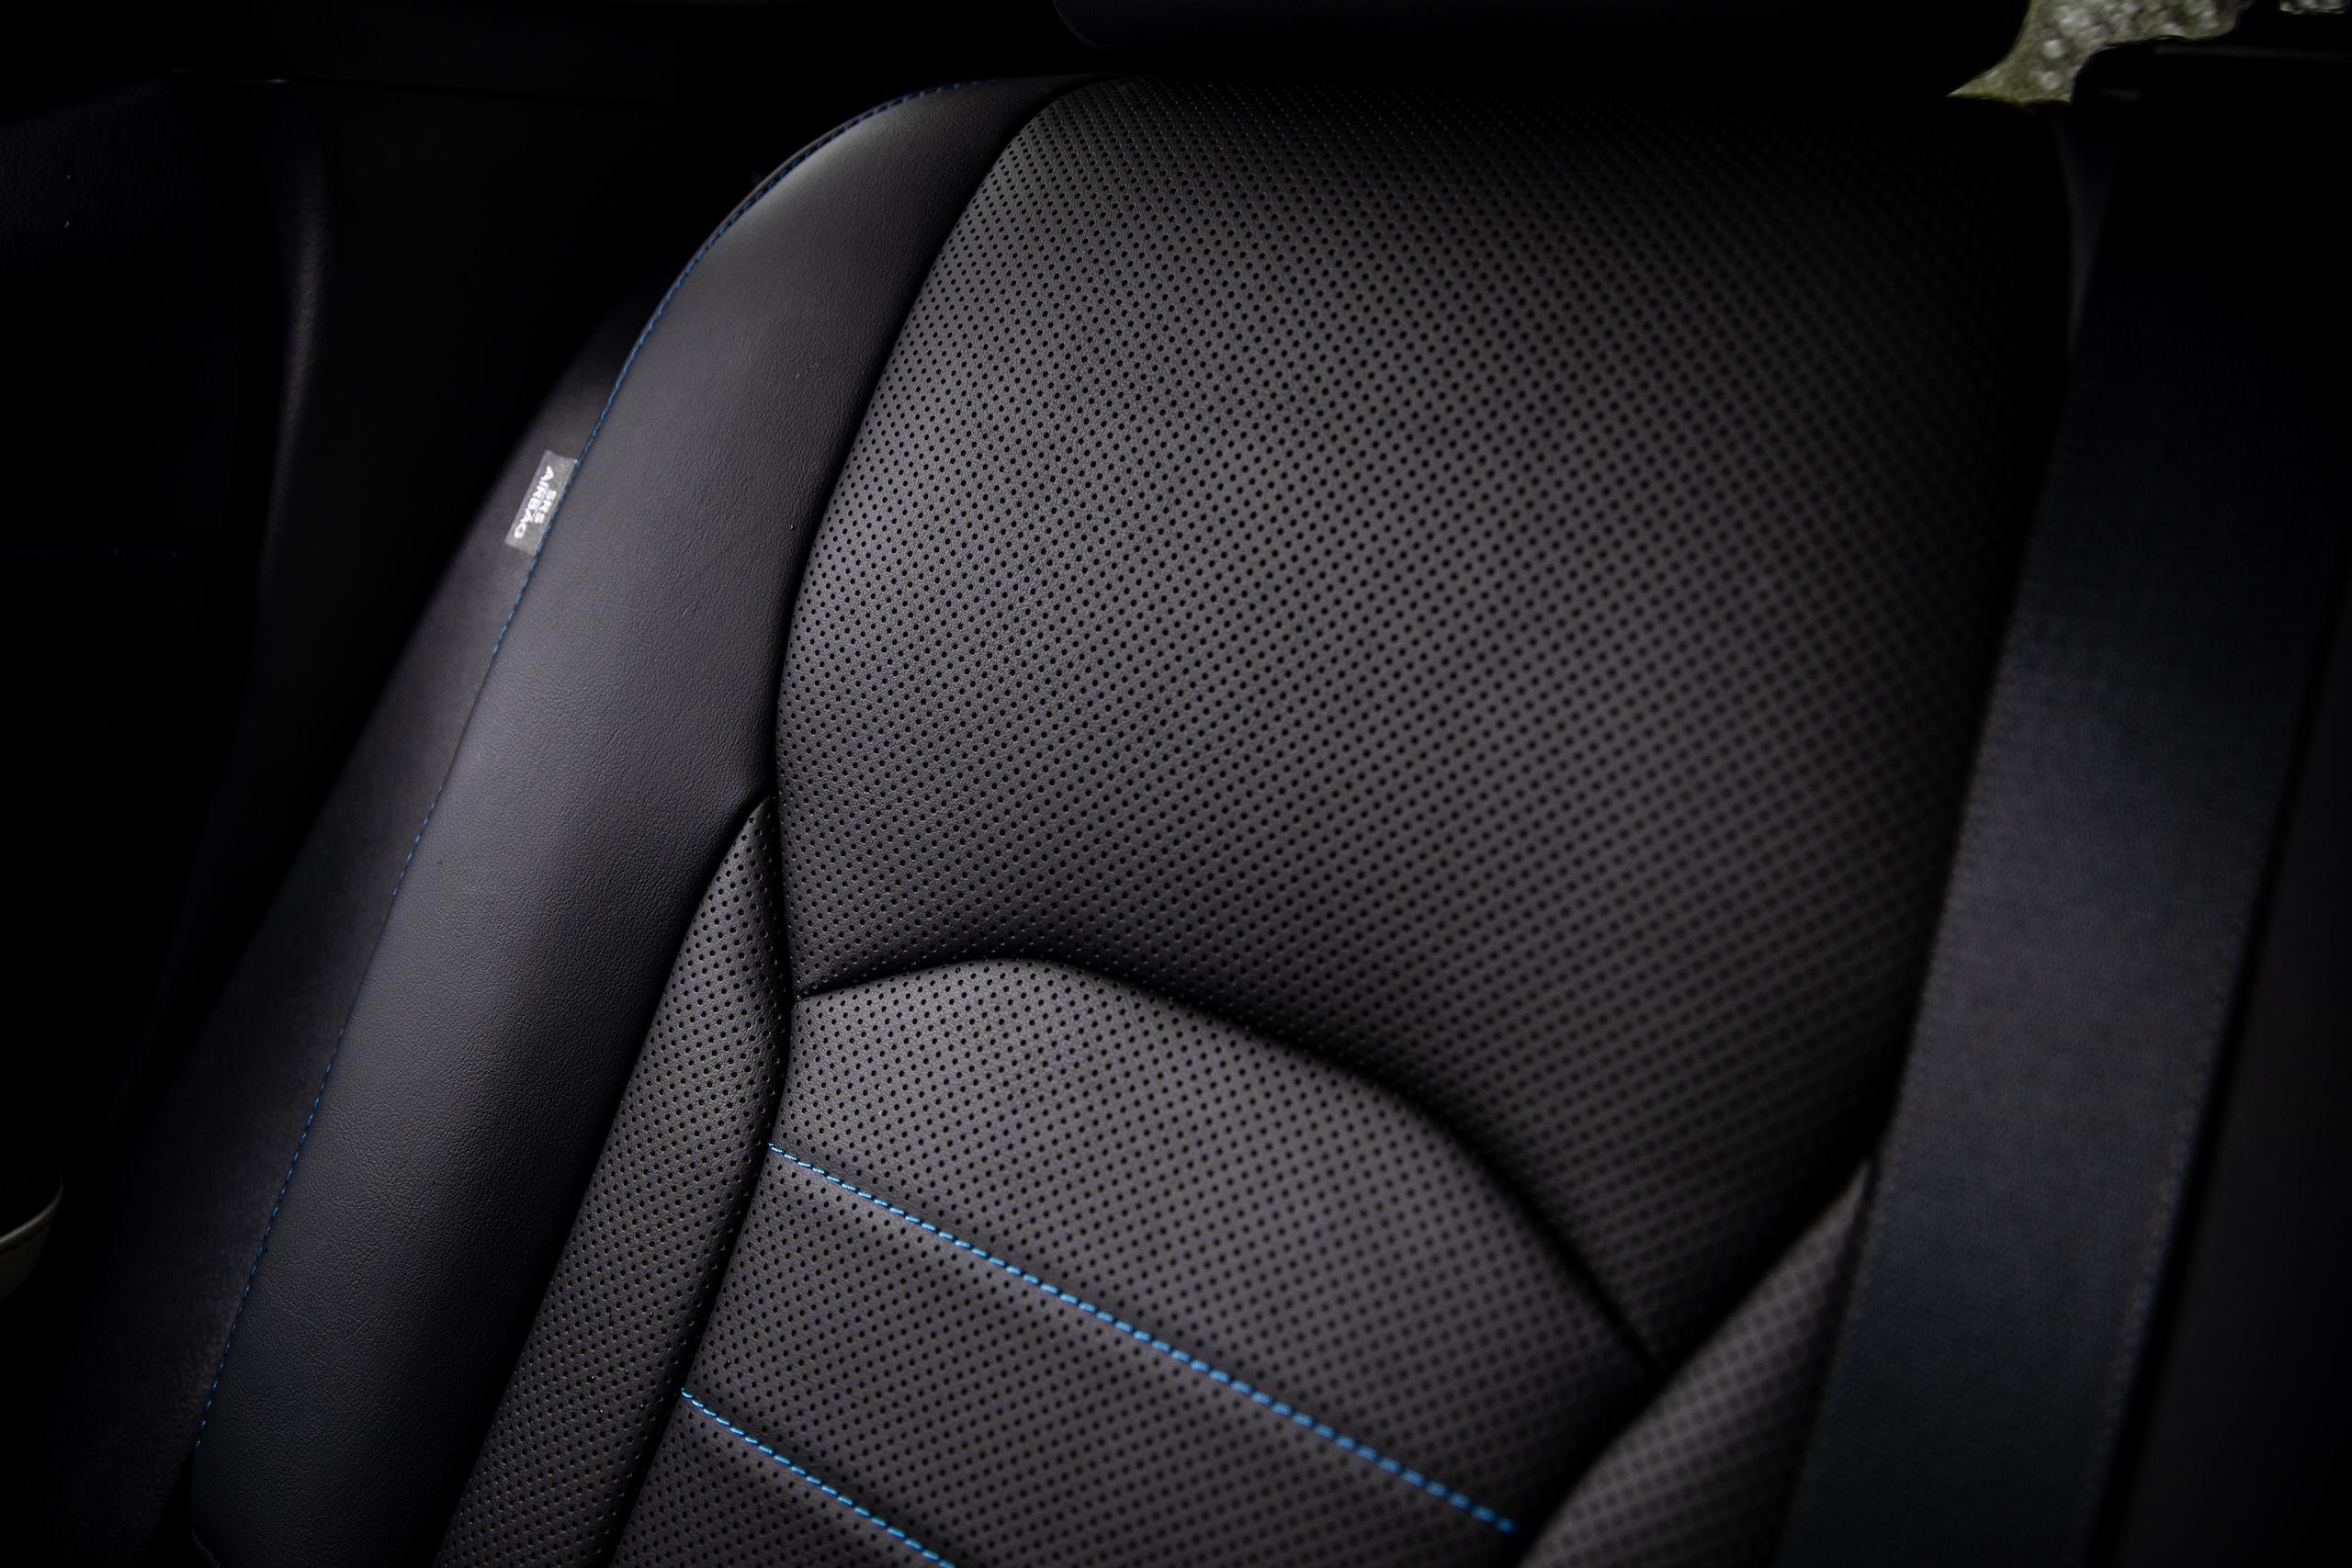 2021 Lexus RX450h interior seat perforations